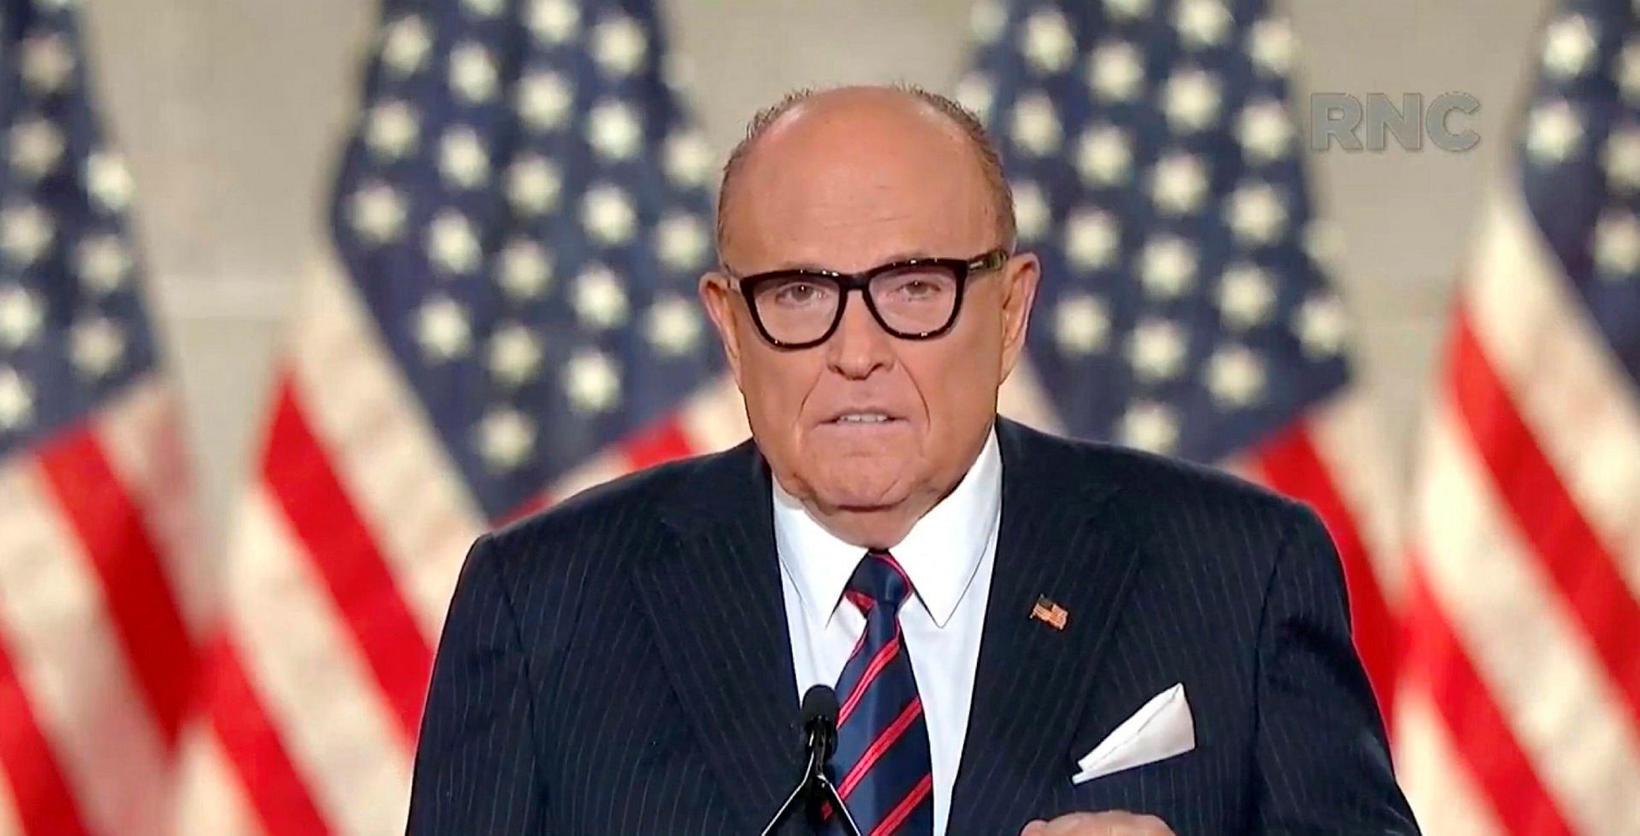 Rudy Giuliani segir efni myndarinnar uppspuna frá rótum.